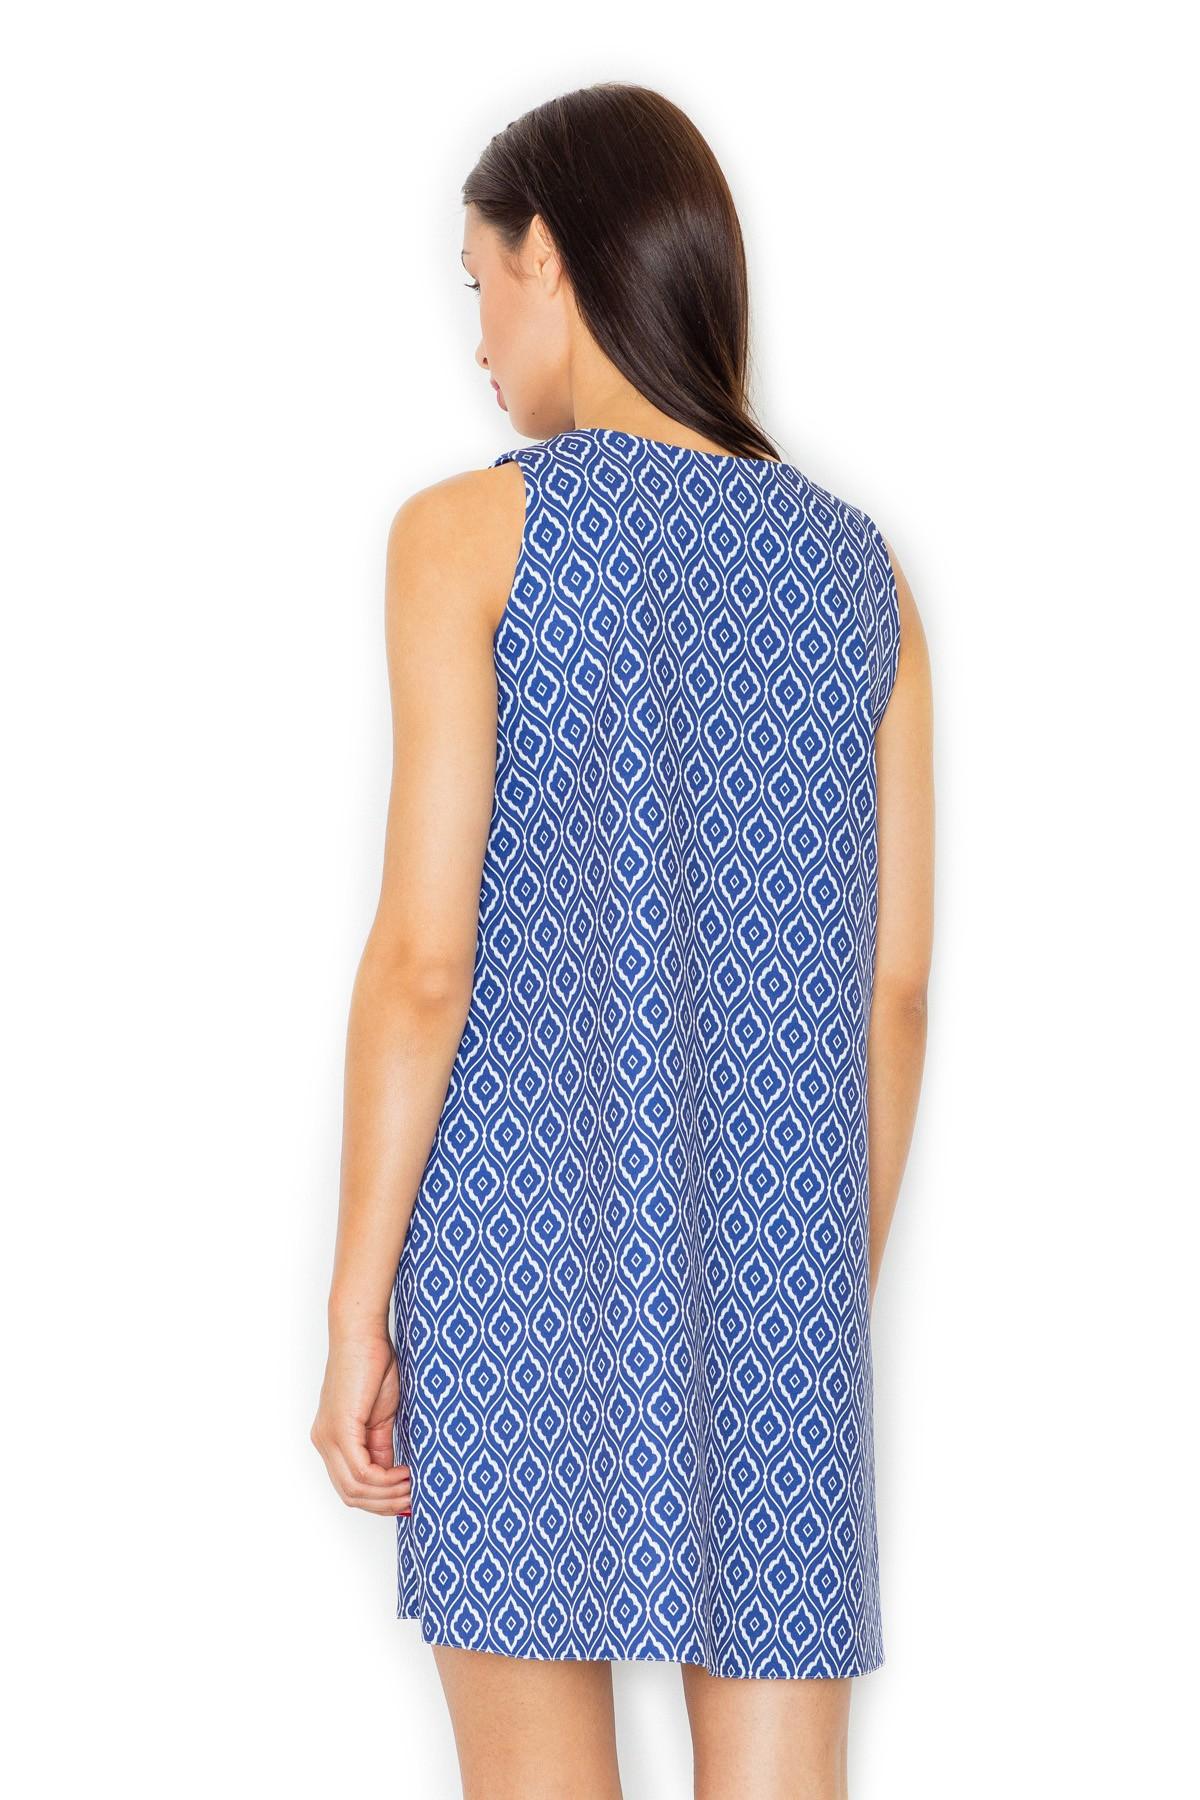 8213767e02 Trapezowa sukienka w geometryczny wzór niebieska · 13Sukienek.pl